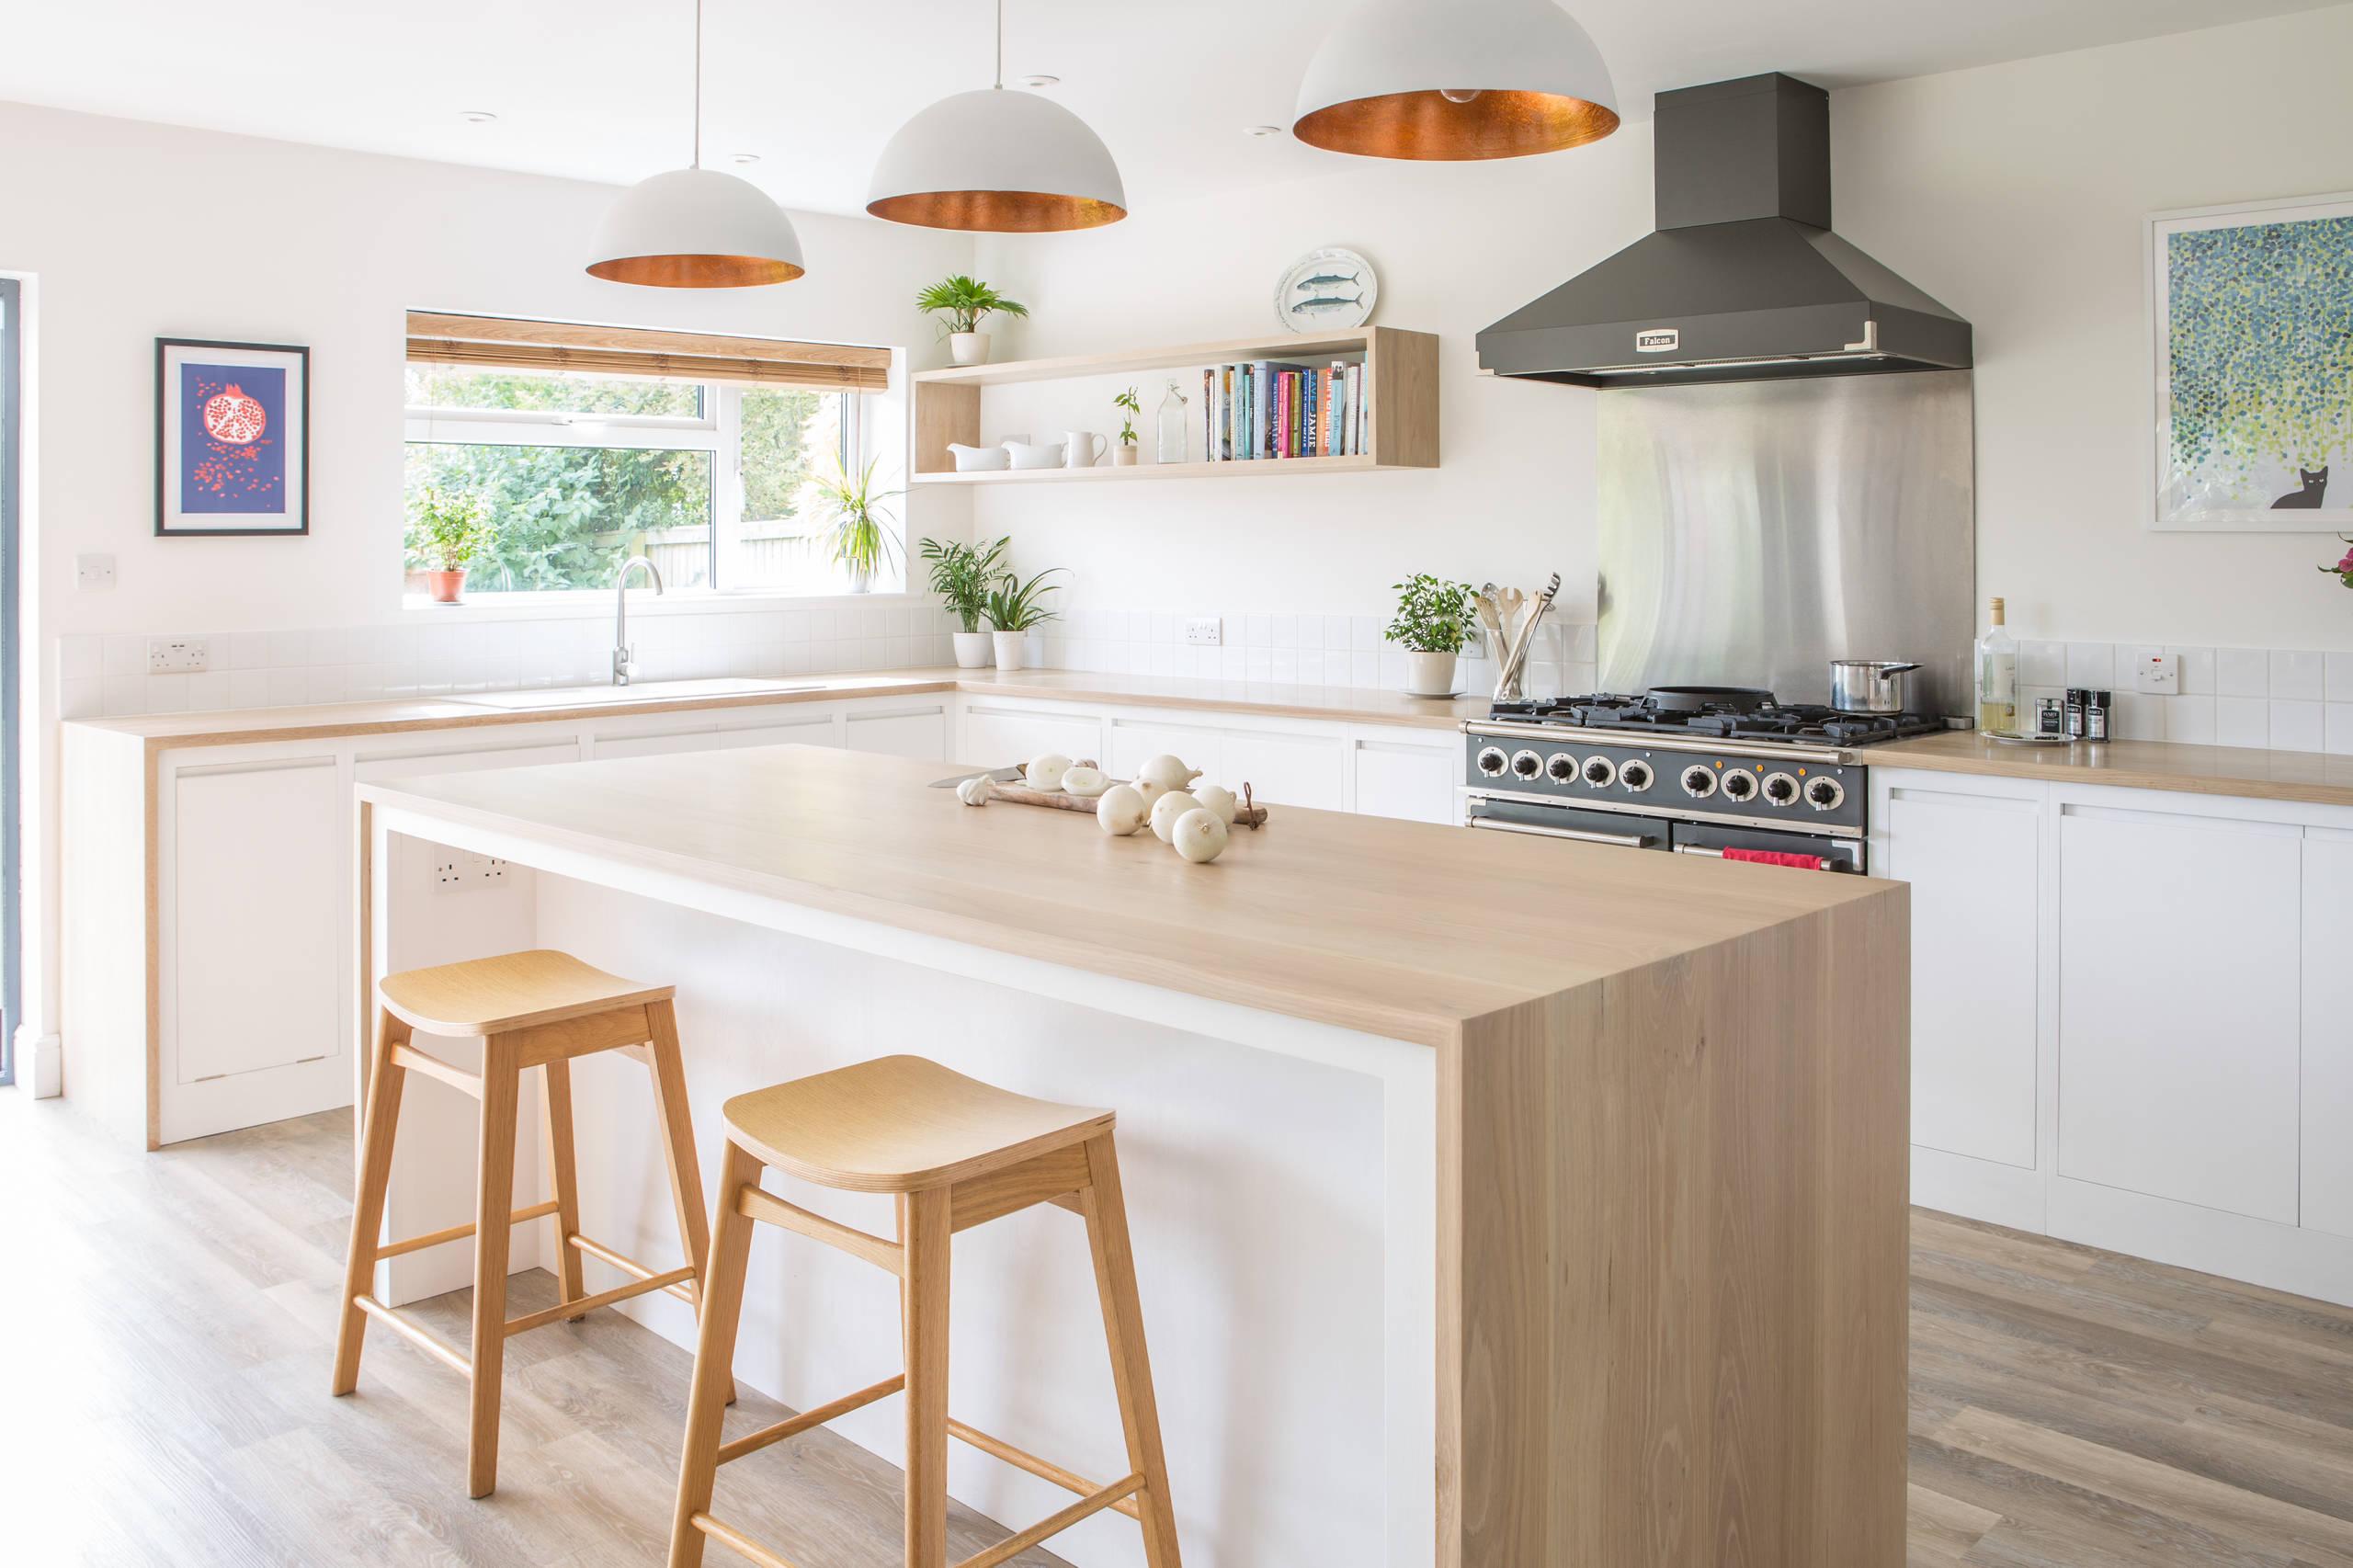 15 Unbelievable Scandinavian Kitchen Designs That Will ... on Kitchen  id=95783